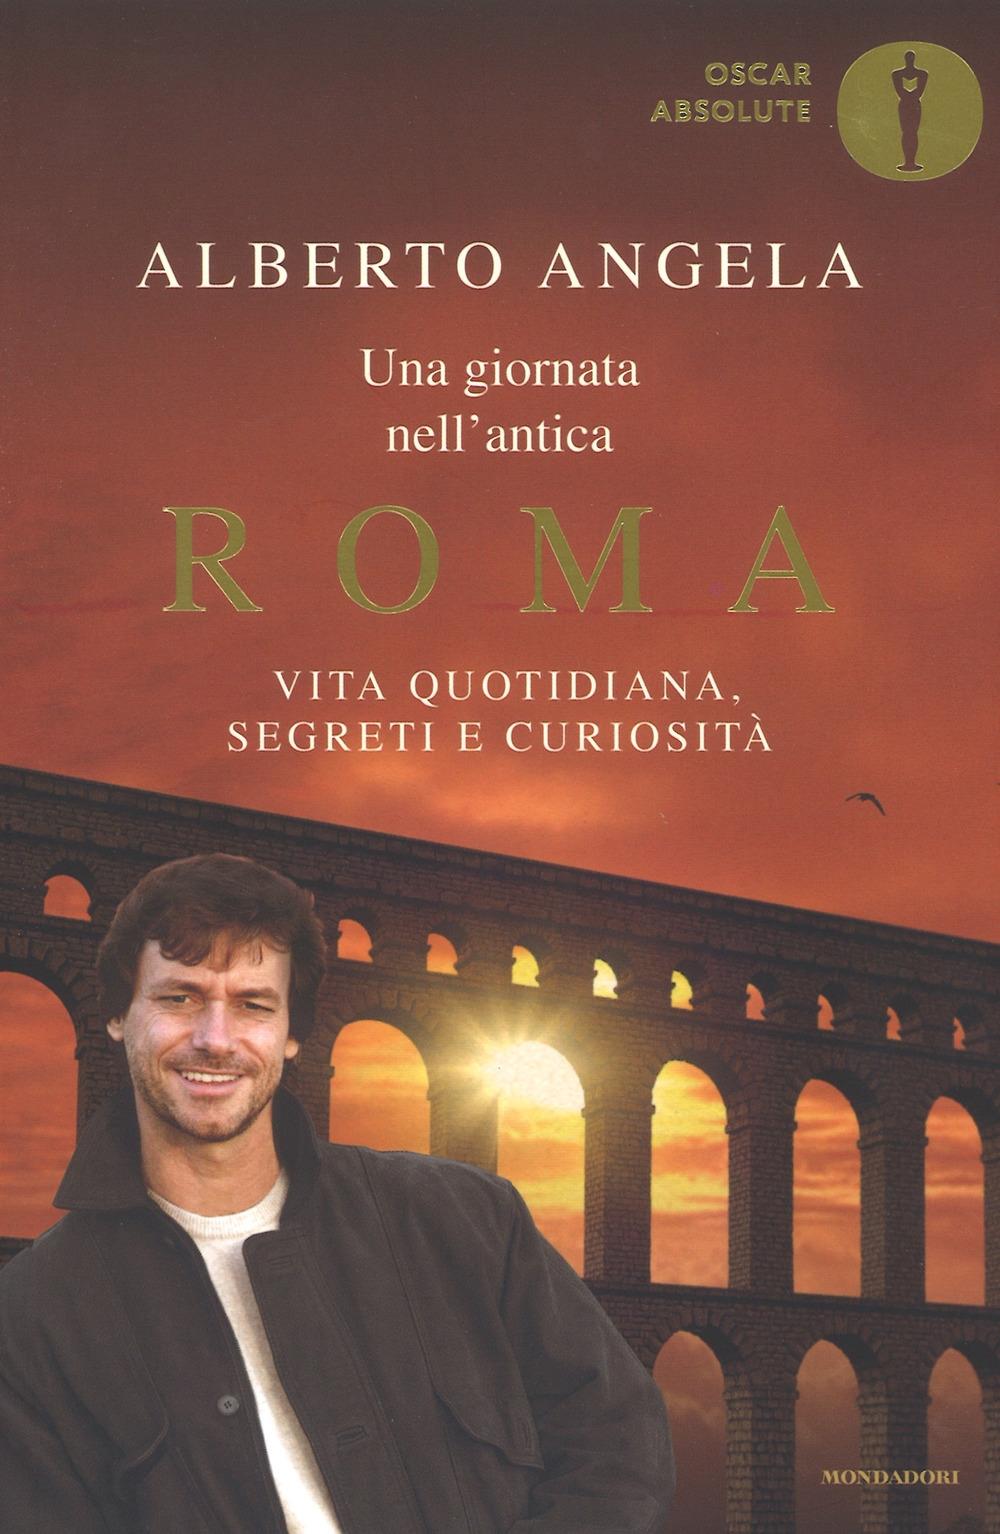 Una giornata nell'antica Roma. Vita quotidiana, segreti e curiosità.